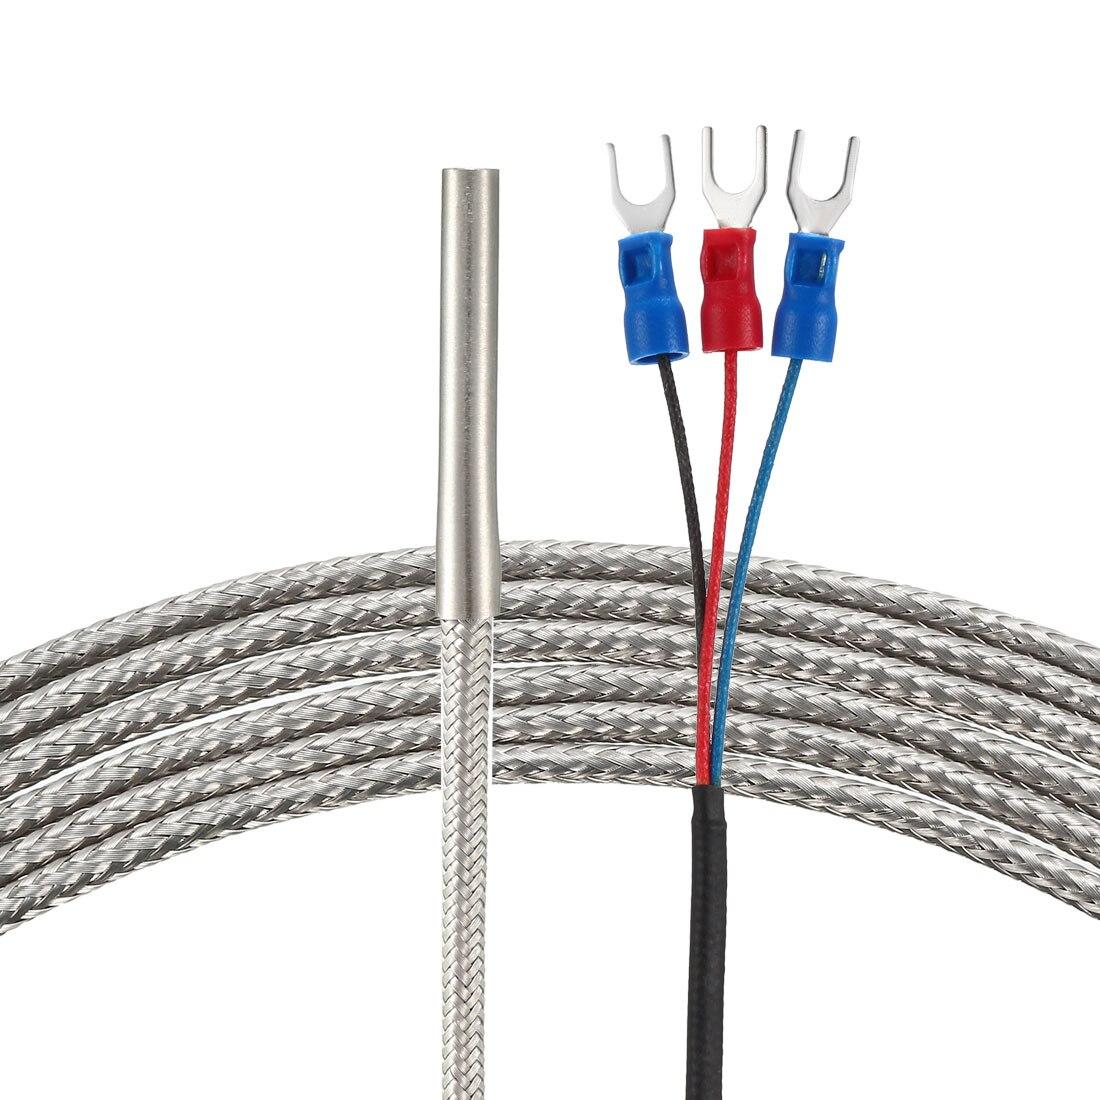 Uxcell Pt100 датчик температуры 3 метра кабель 4 мм x 30 мм термопары-58 ~ 788 °F (-50 ~ 420 °C)